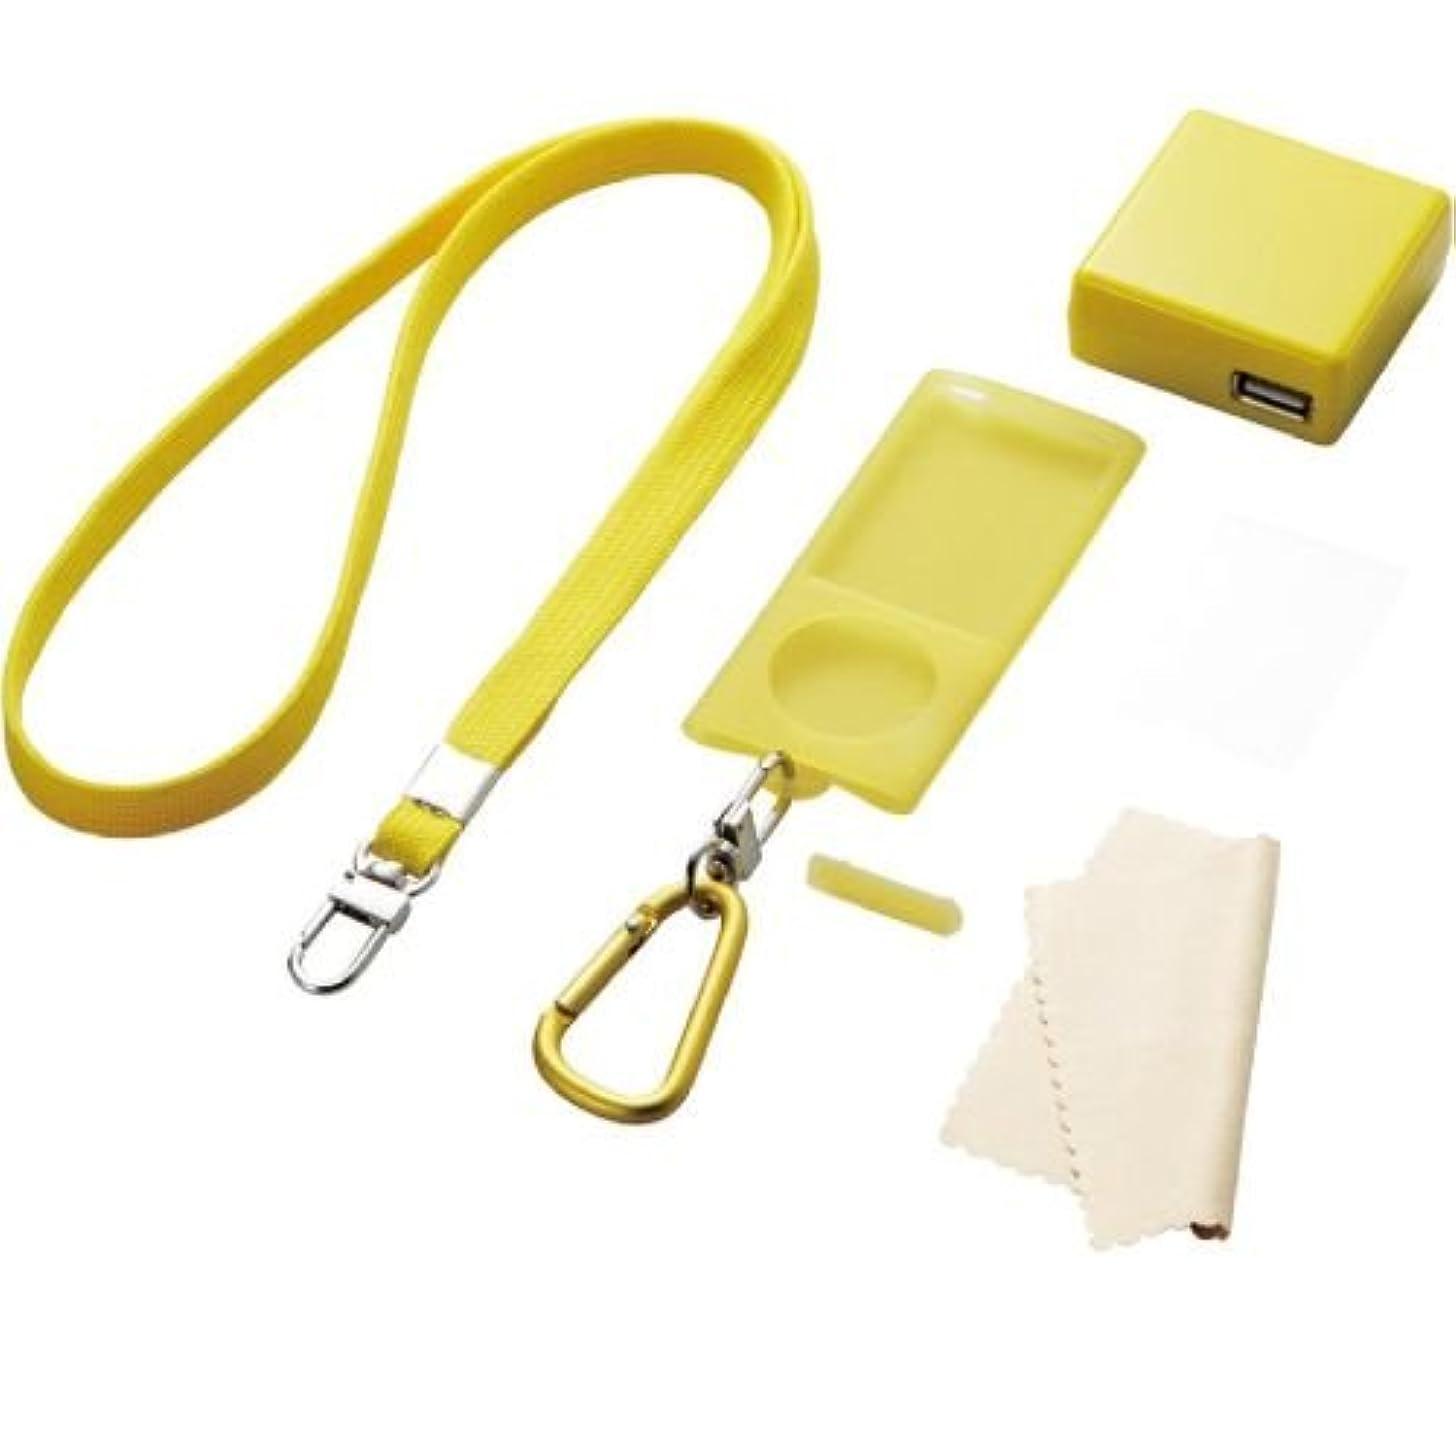 古代ジョージバーナード励起ELECOM 5th iPod nano (2009年発売) 充電器付きスターティングセット イエロー AVA-N09ACYL